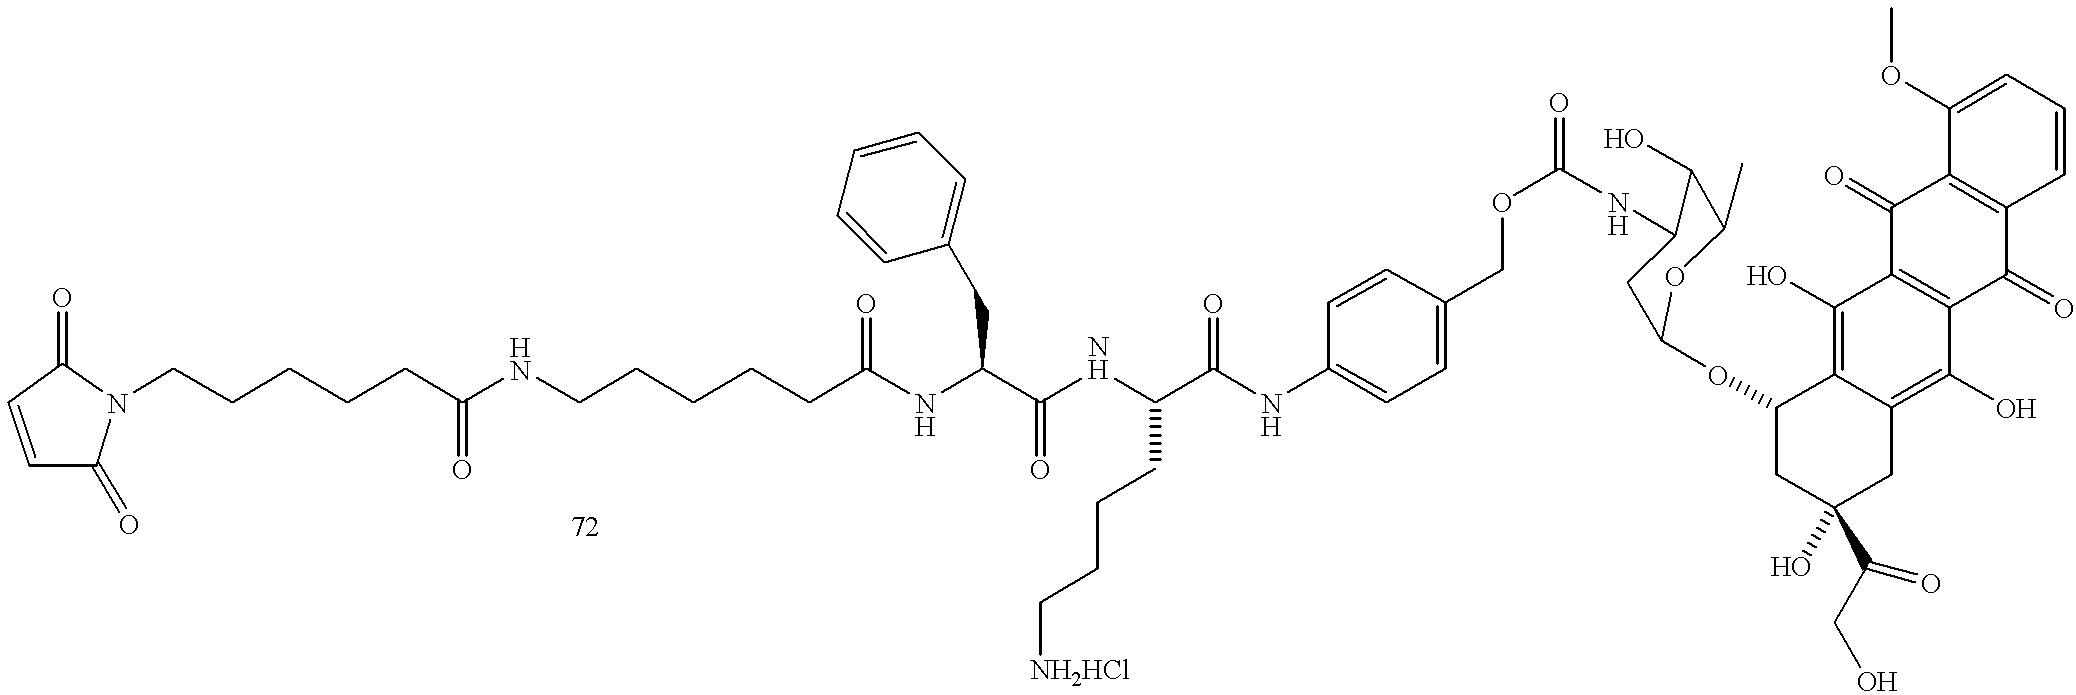 Figure US06214345-20010410-C00068